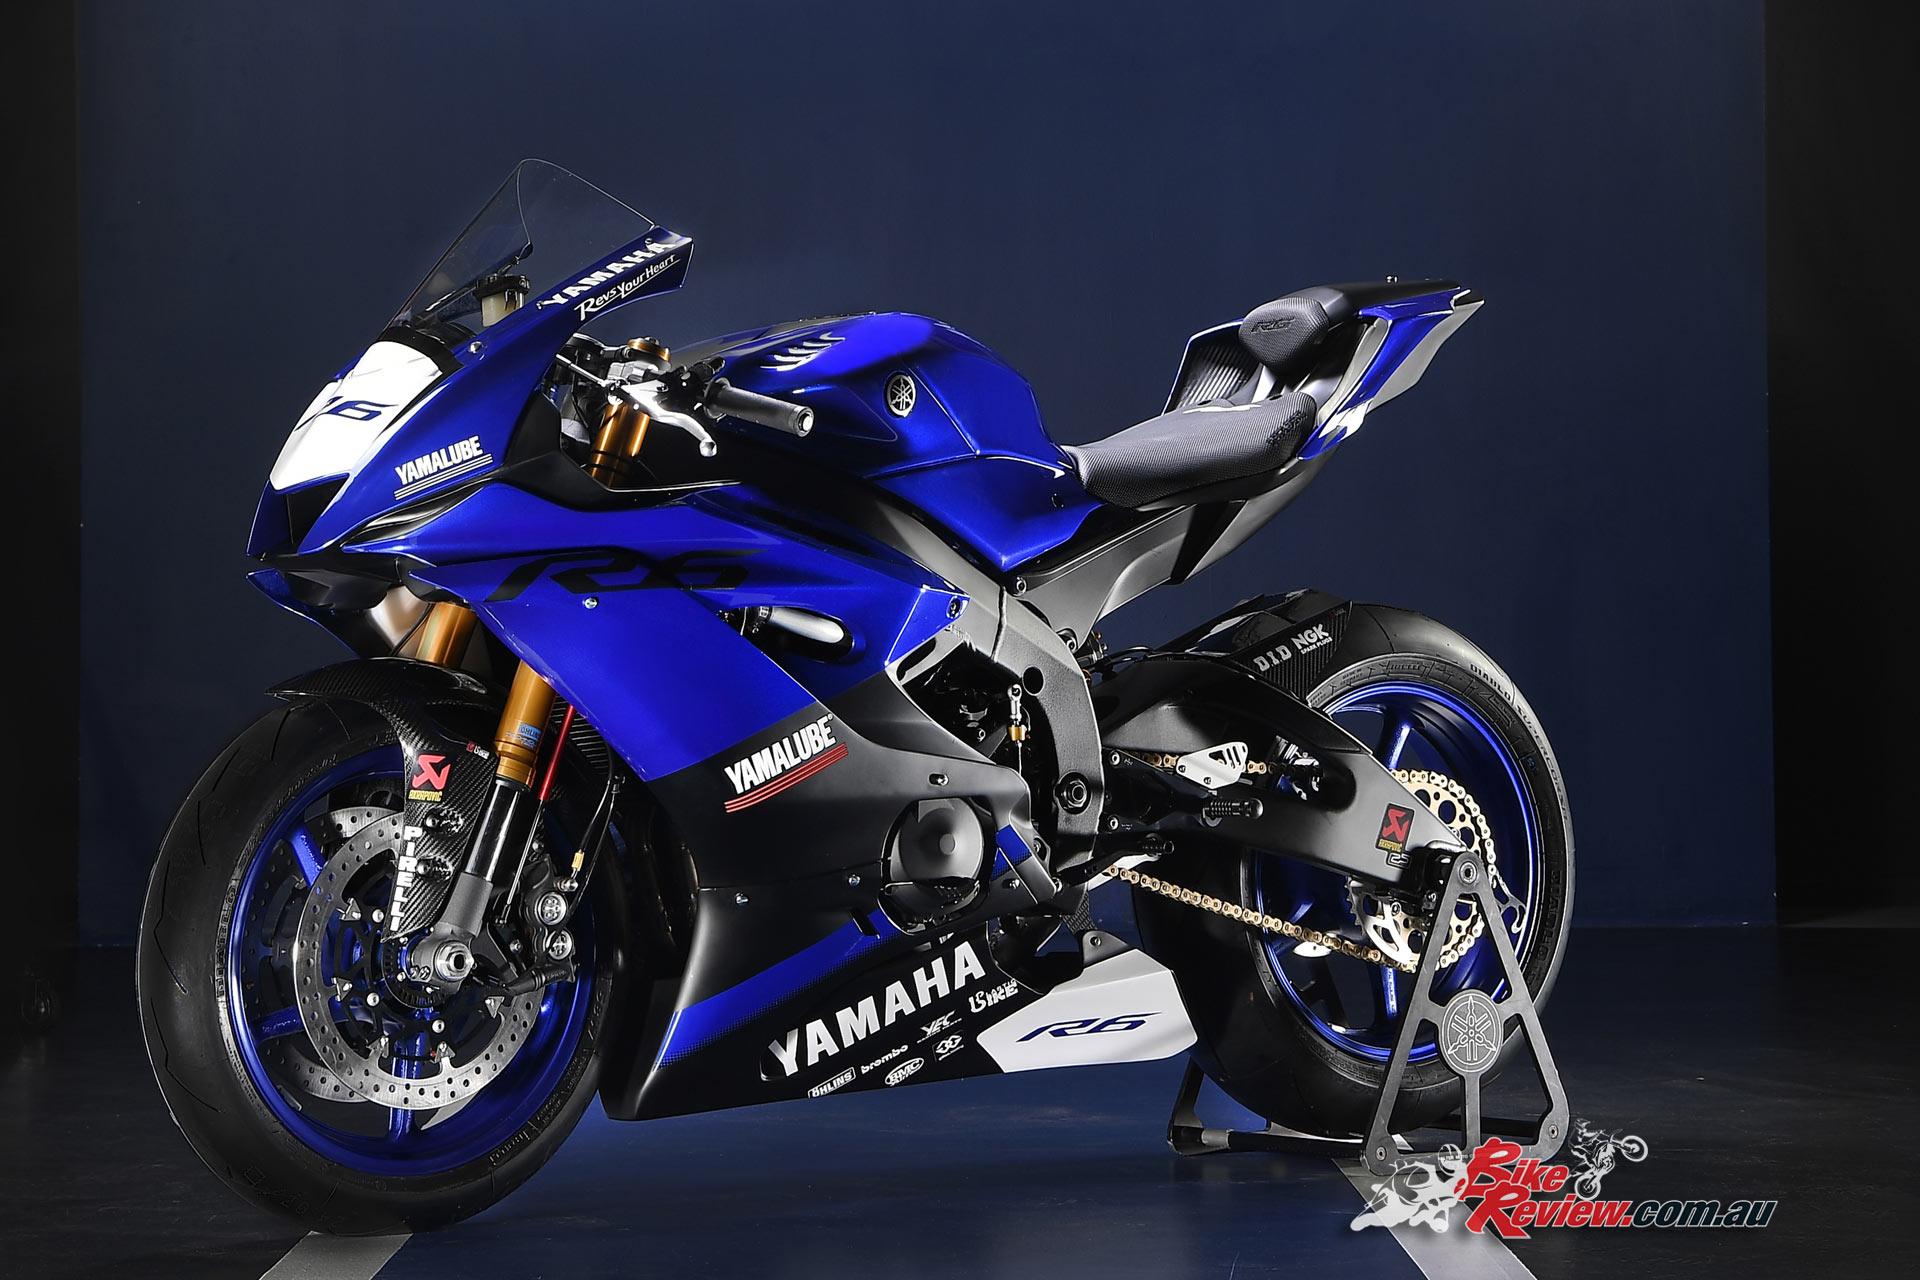 2017 Yamaha YZF-R6 'Racing', Image courtesy of Yamaha